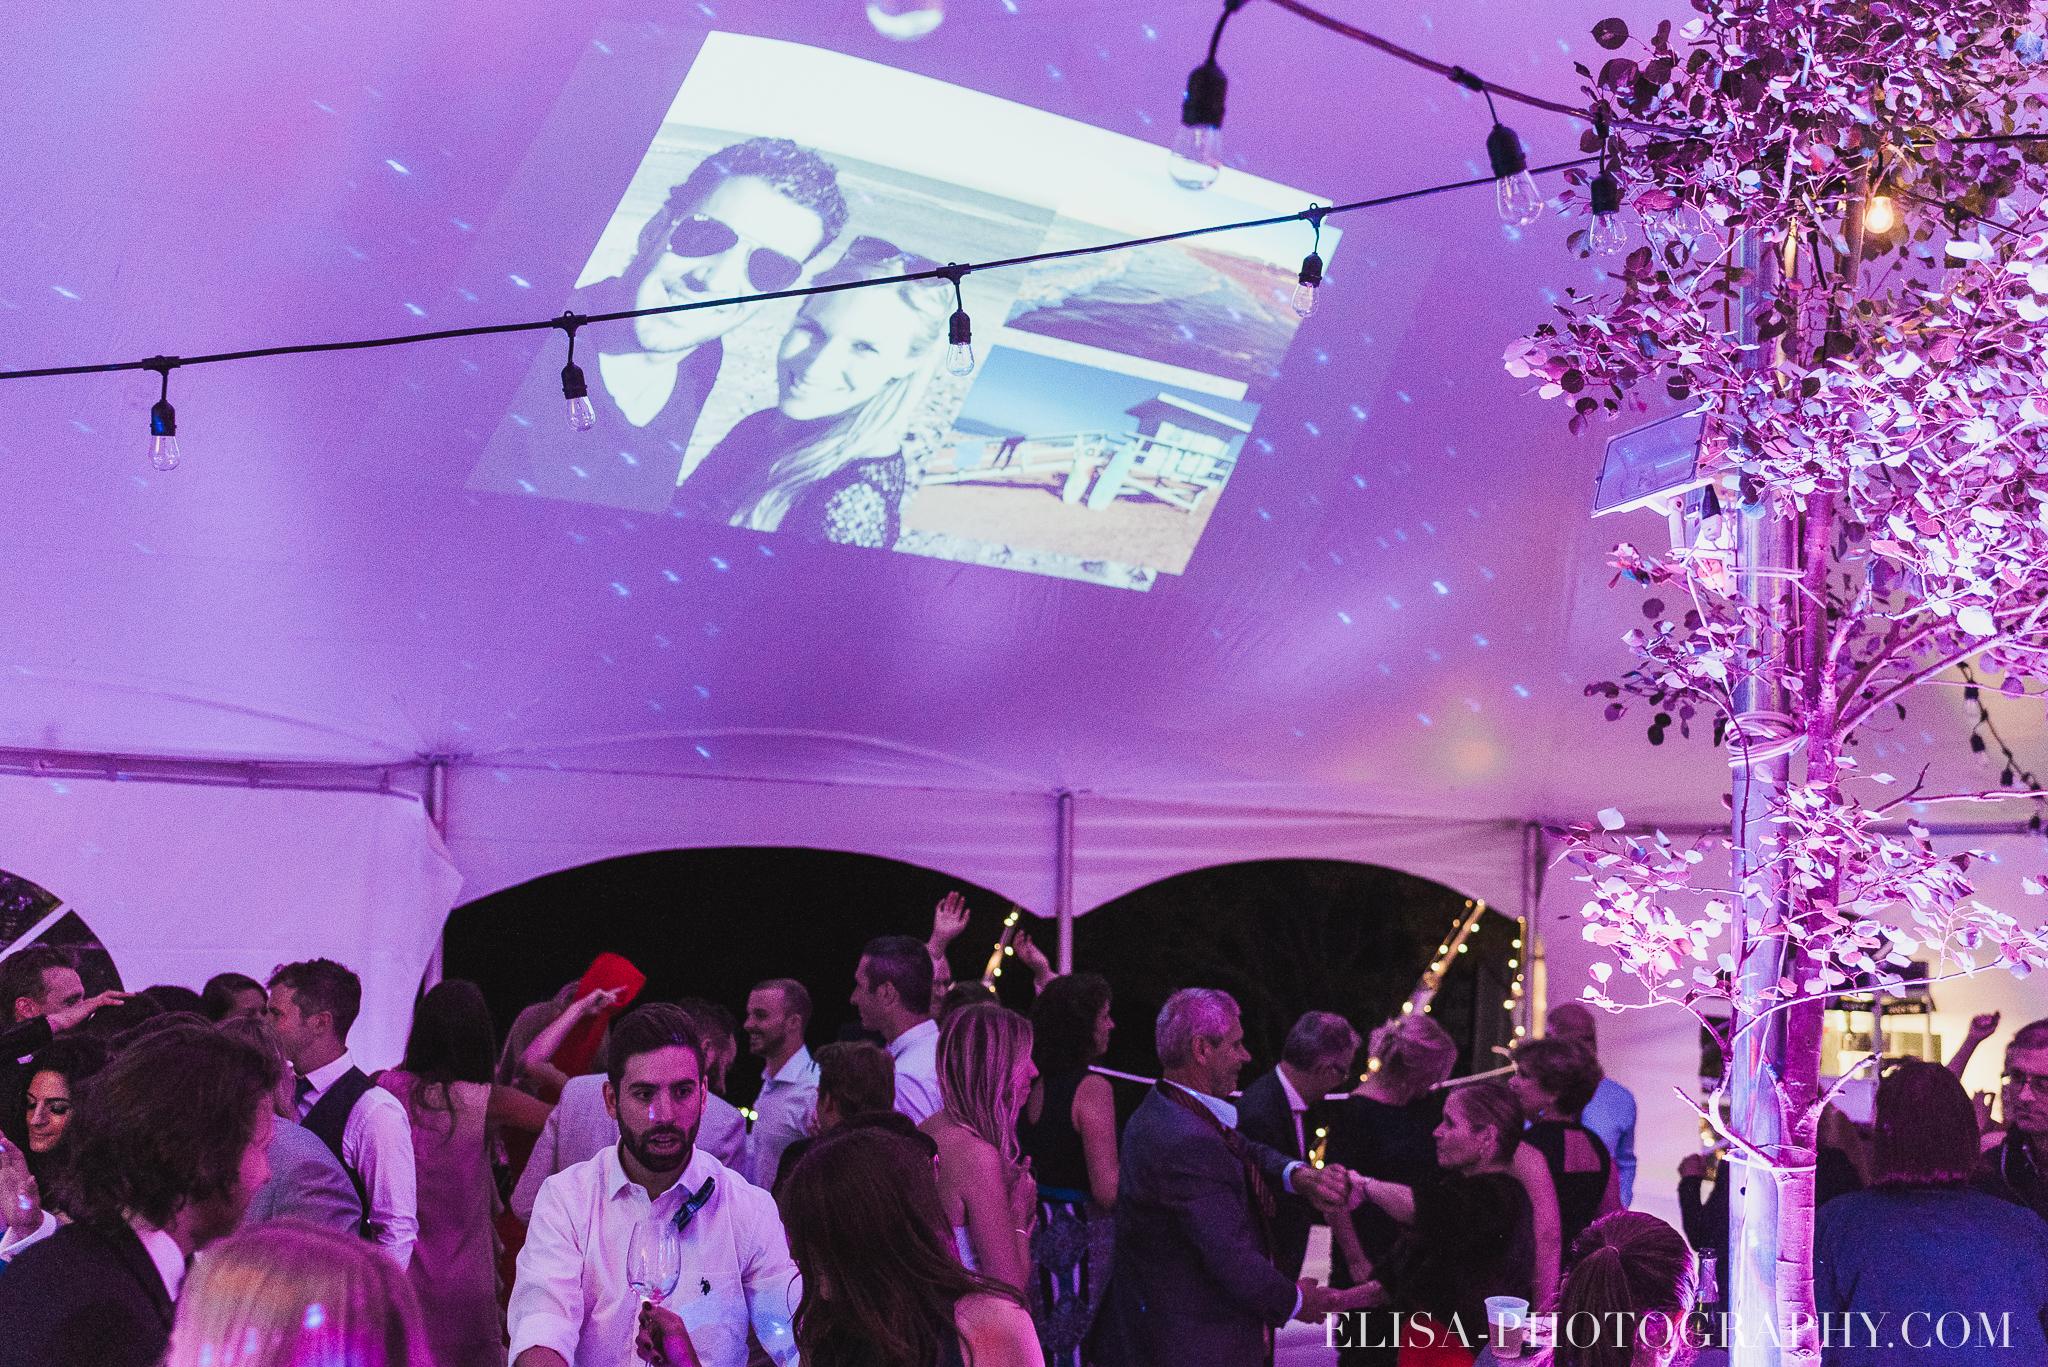 photo mariage reception fete danse projecteur chapiteau chic ville de quebec domaine prive estate bord de l eau 5440 - Mariage sur un domaine privé au bord de l'eau: Emmanuelle & Marc-Antoine